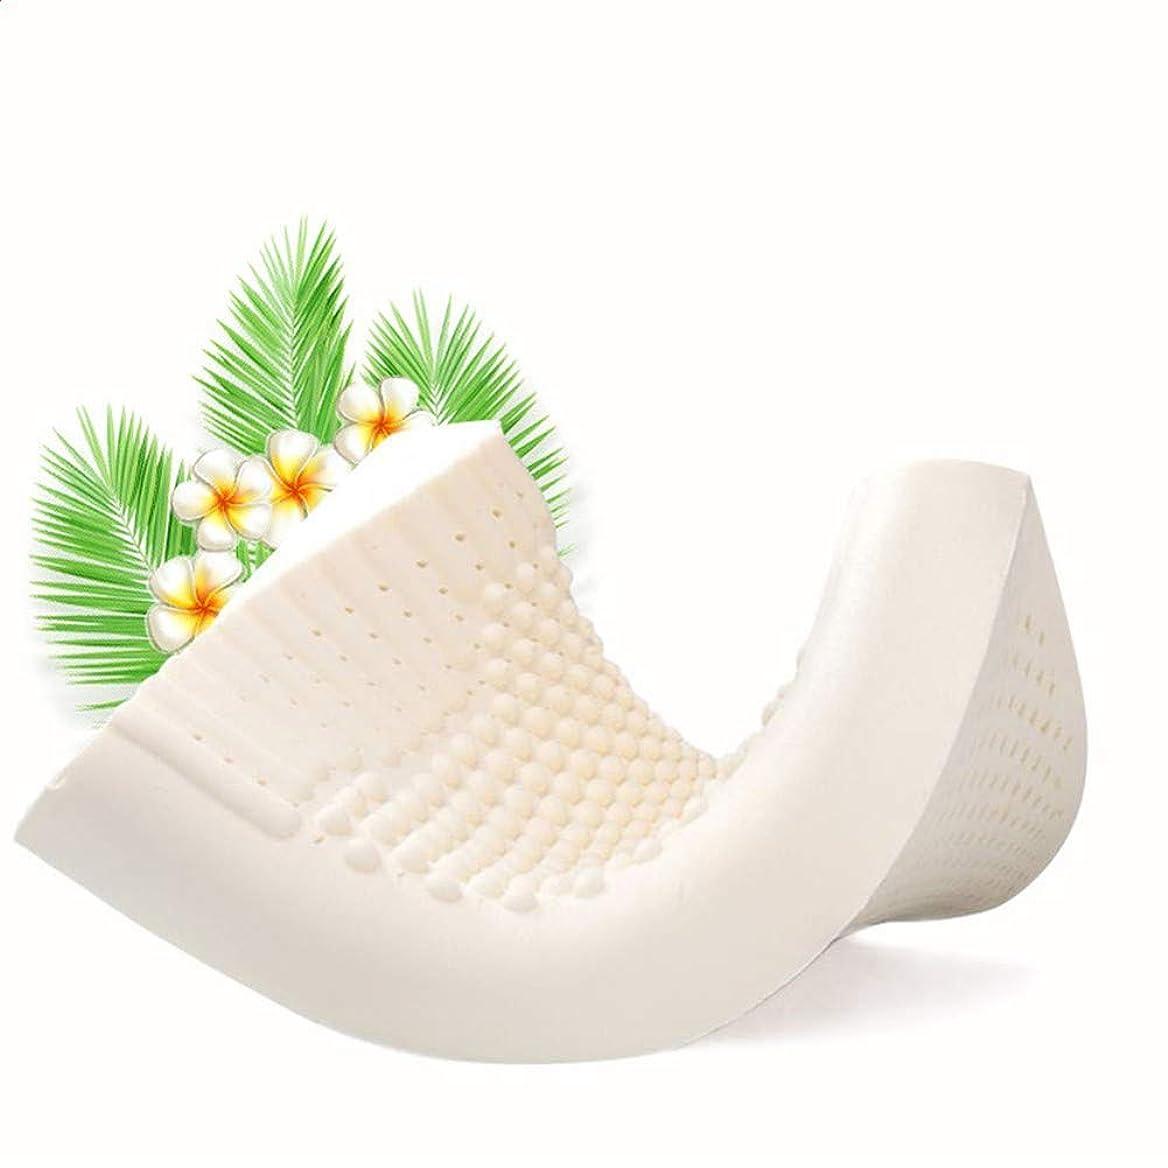 スリム装置酸化物ラテックス枕、スーパーバウンシーナチュラルメモリーラテックス枕、ベッド枕は豪華なローズぬいぐるみ&通気性シェル洗えるカバーで首と頭をサポートしています